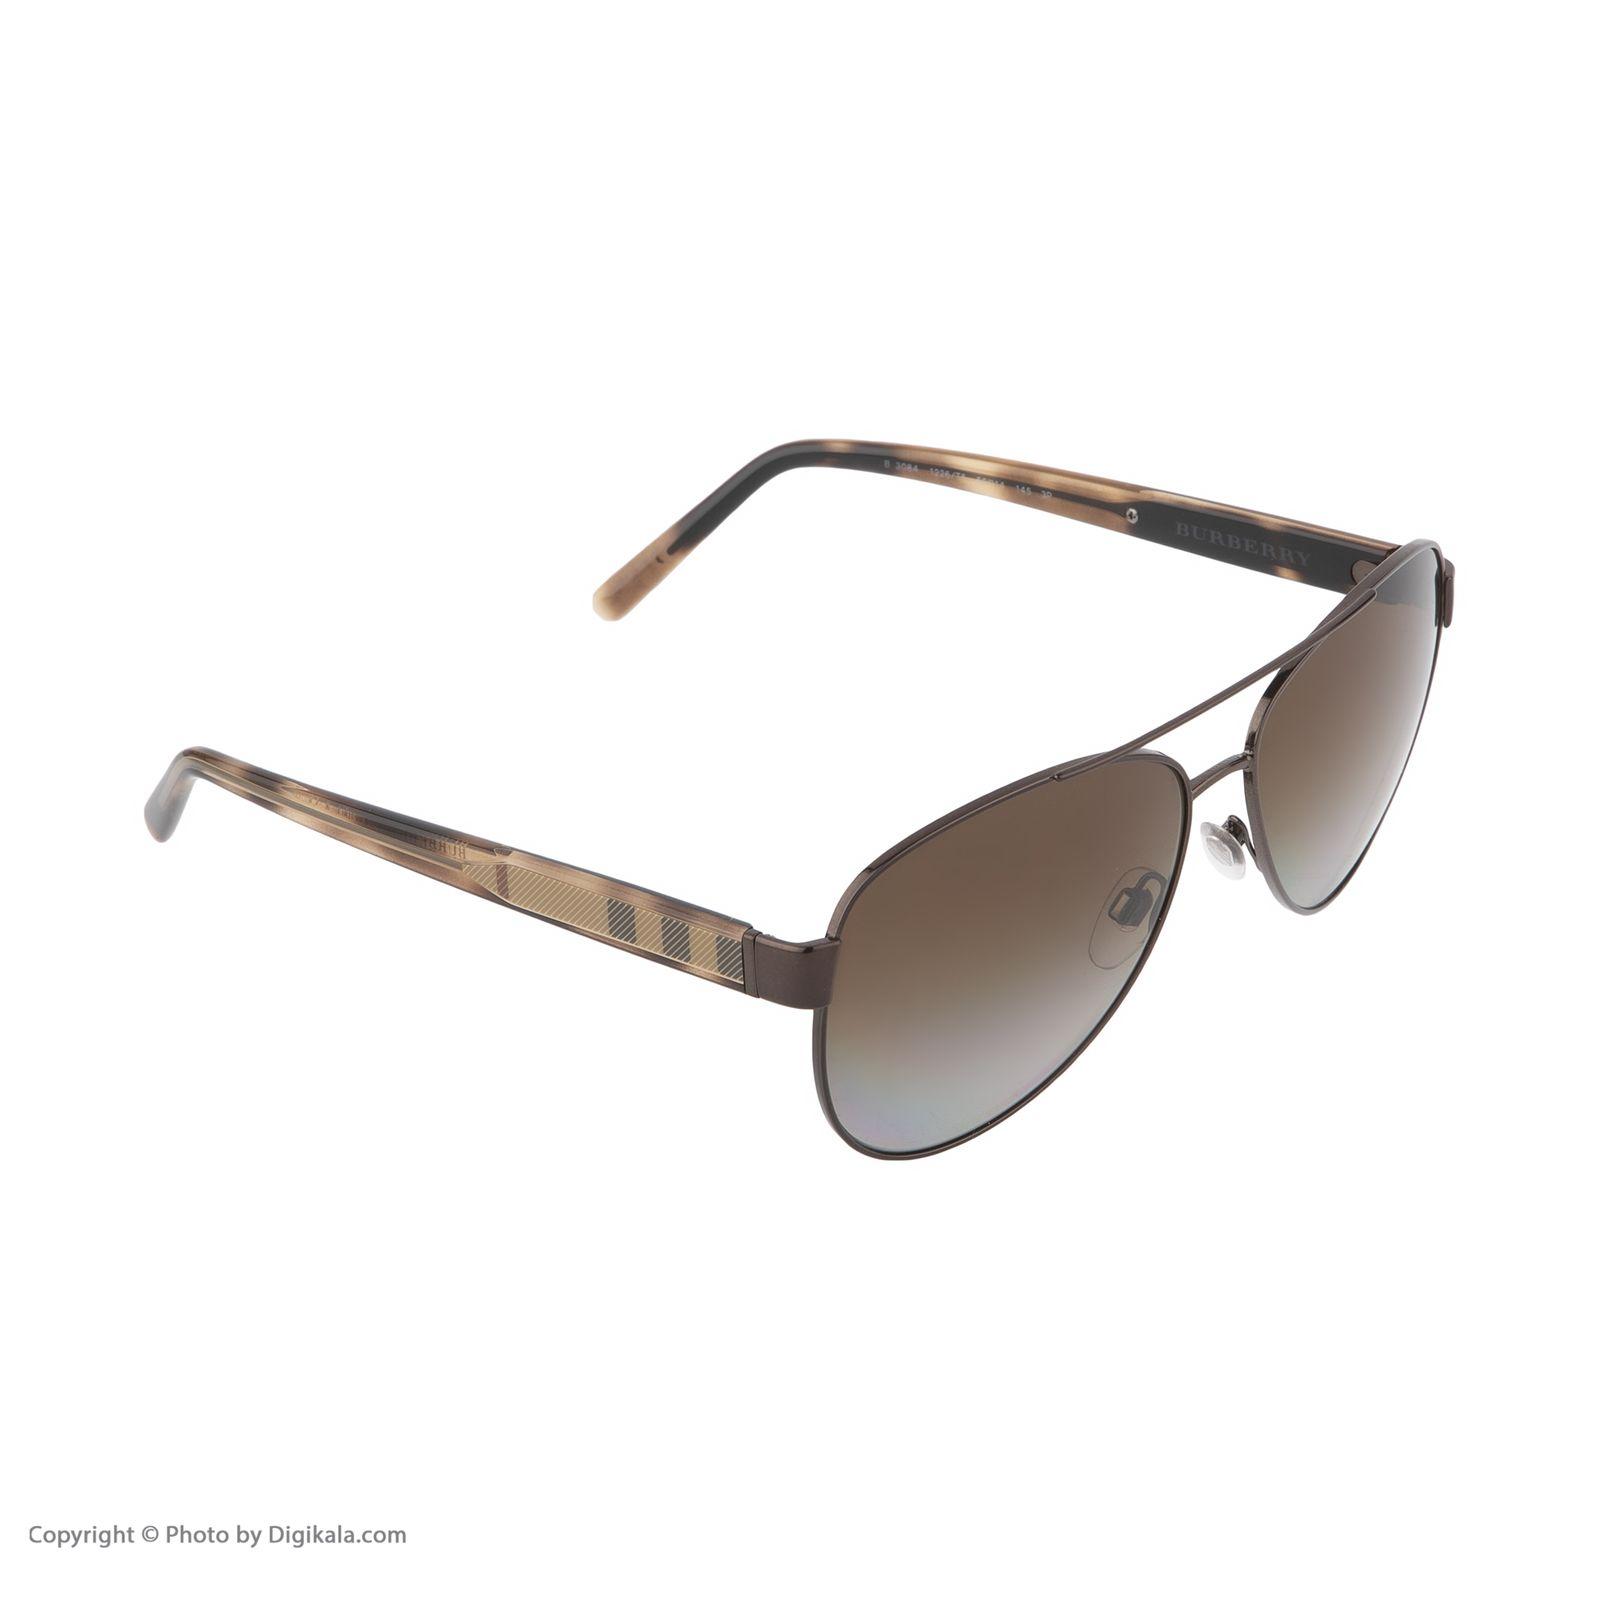 عینک آفتابی زنانه بربری مدل BE 3084S 1226T5 60   -  - 6